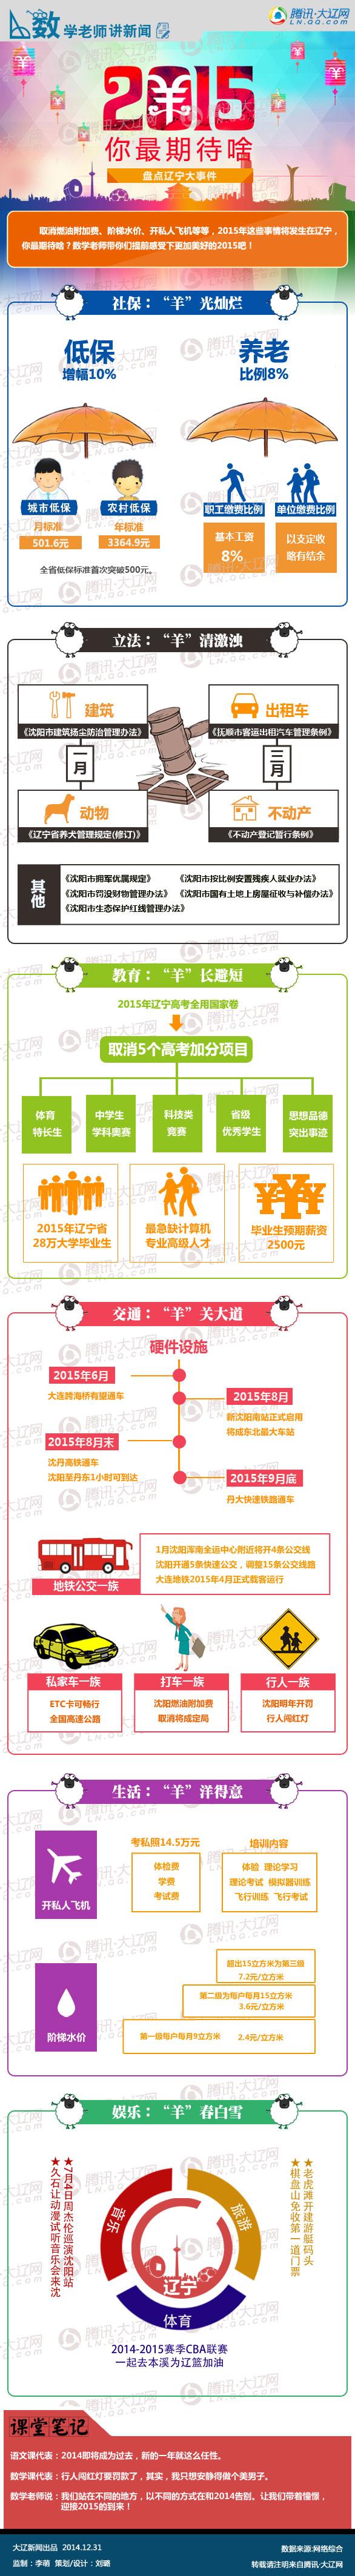 2015你最期待啥!!!! - 网络天下 - 网络天下